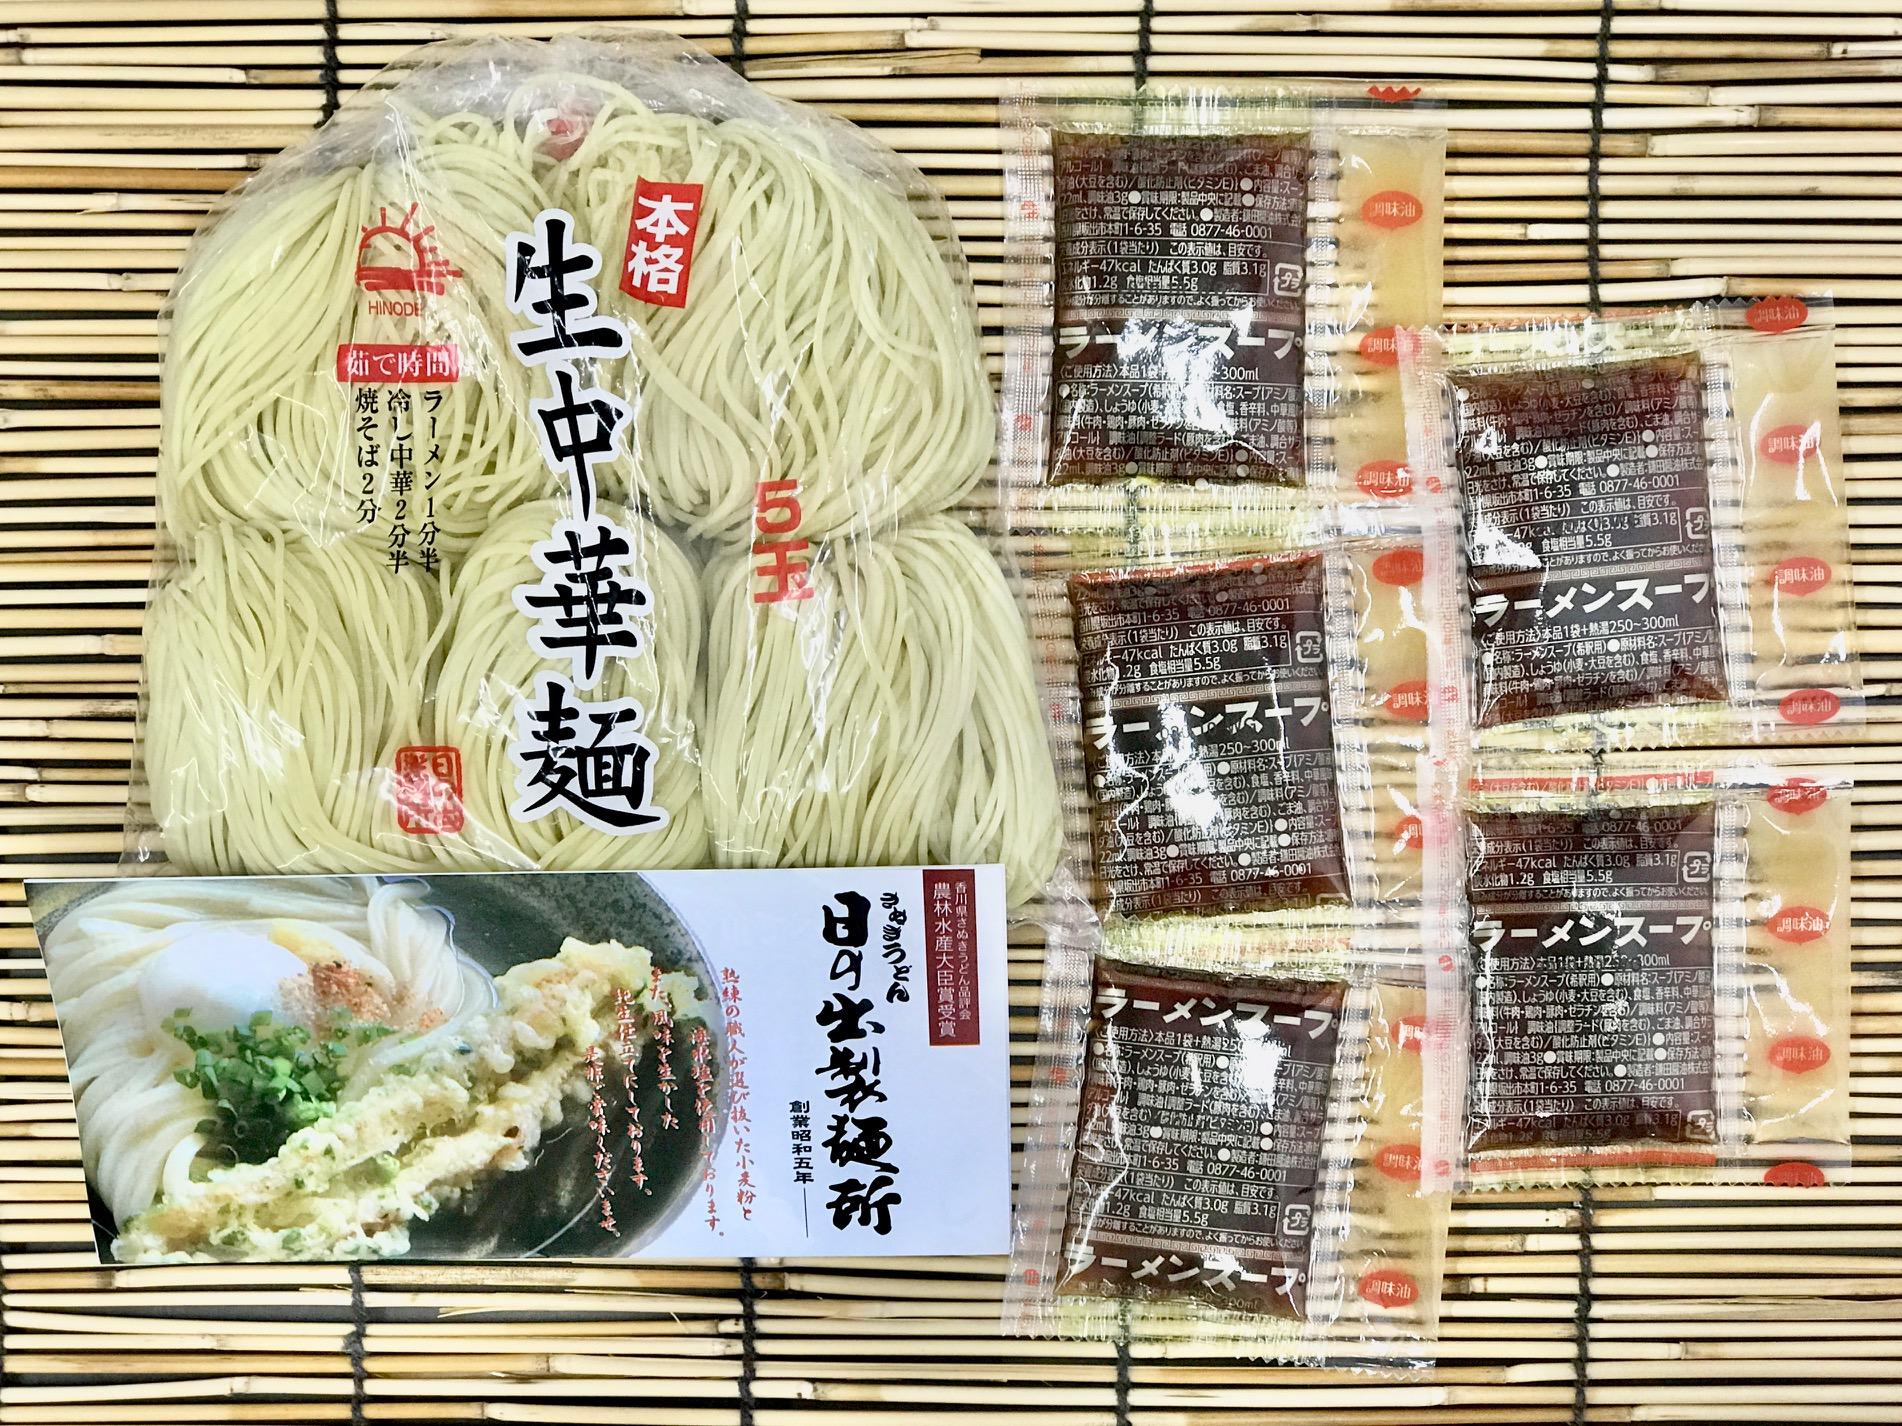 日の出製麺所の「生中華麺」鎌田醤油の「ラーメンスープ」付 5人前